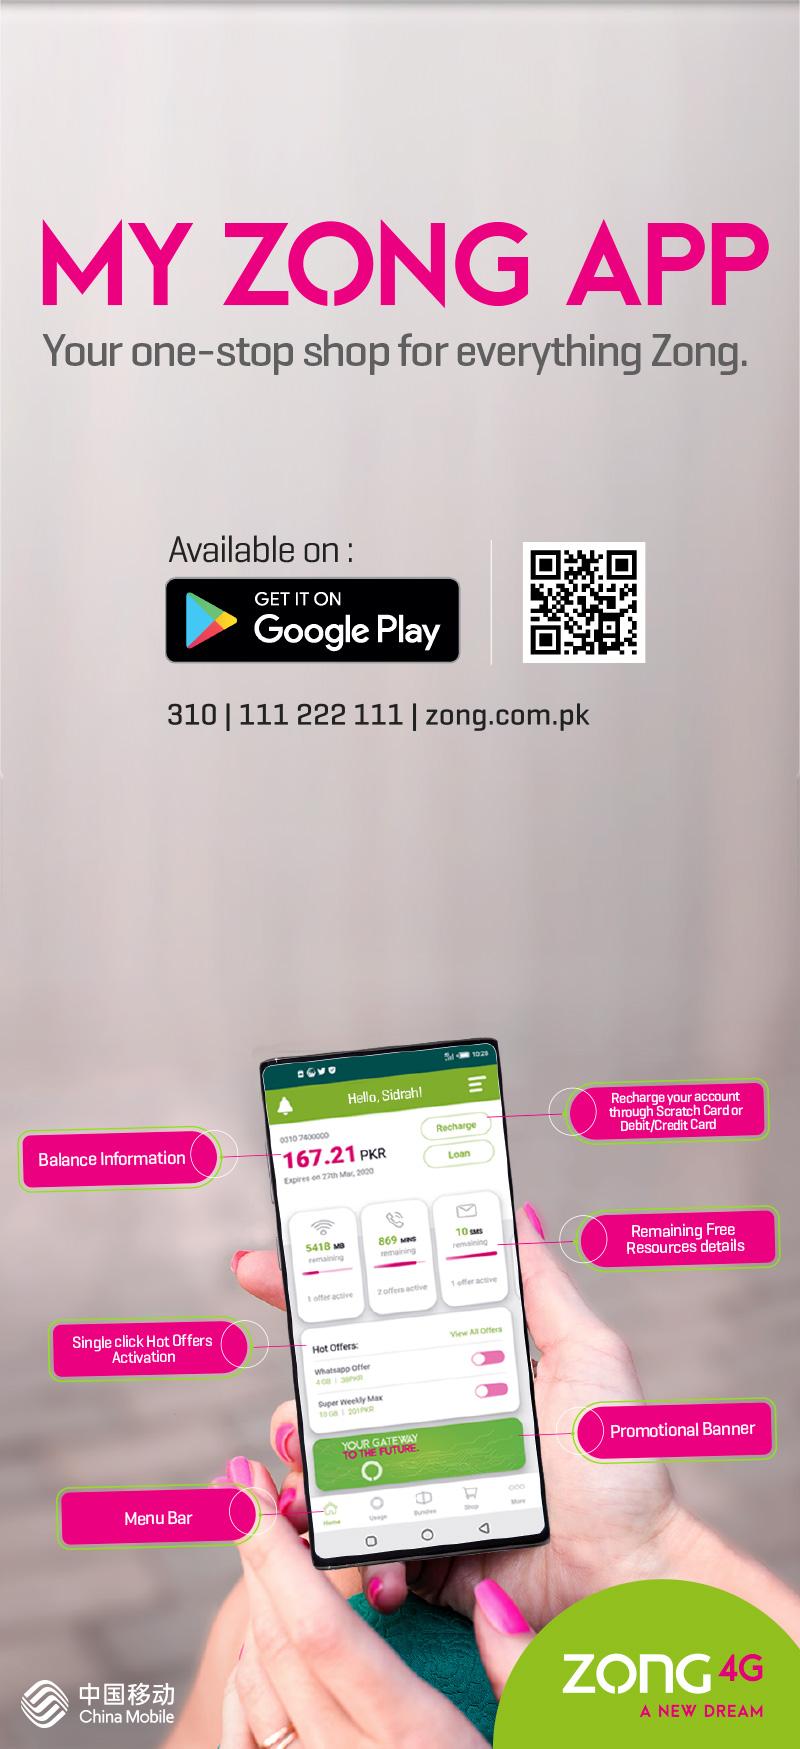 zong app offer